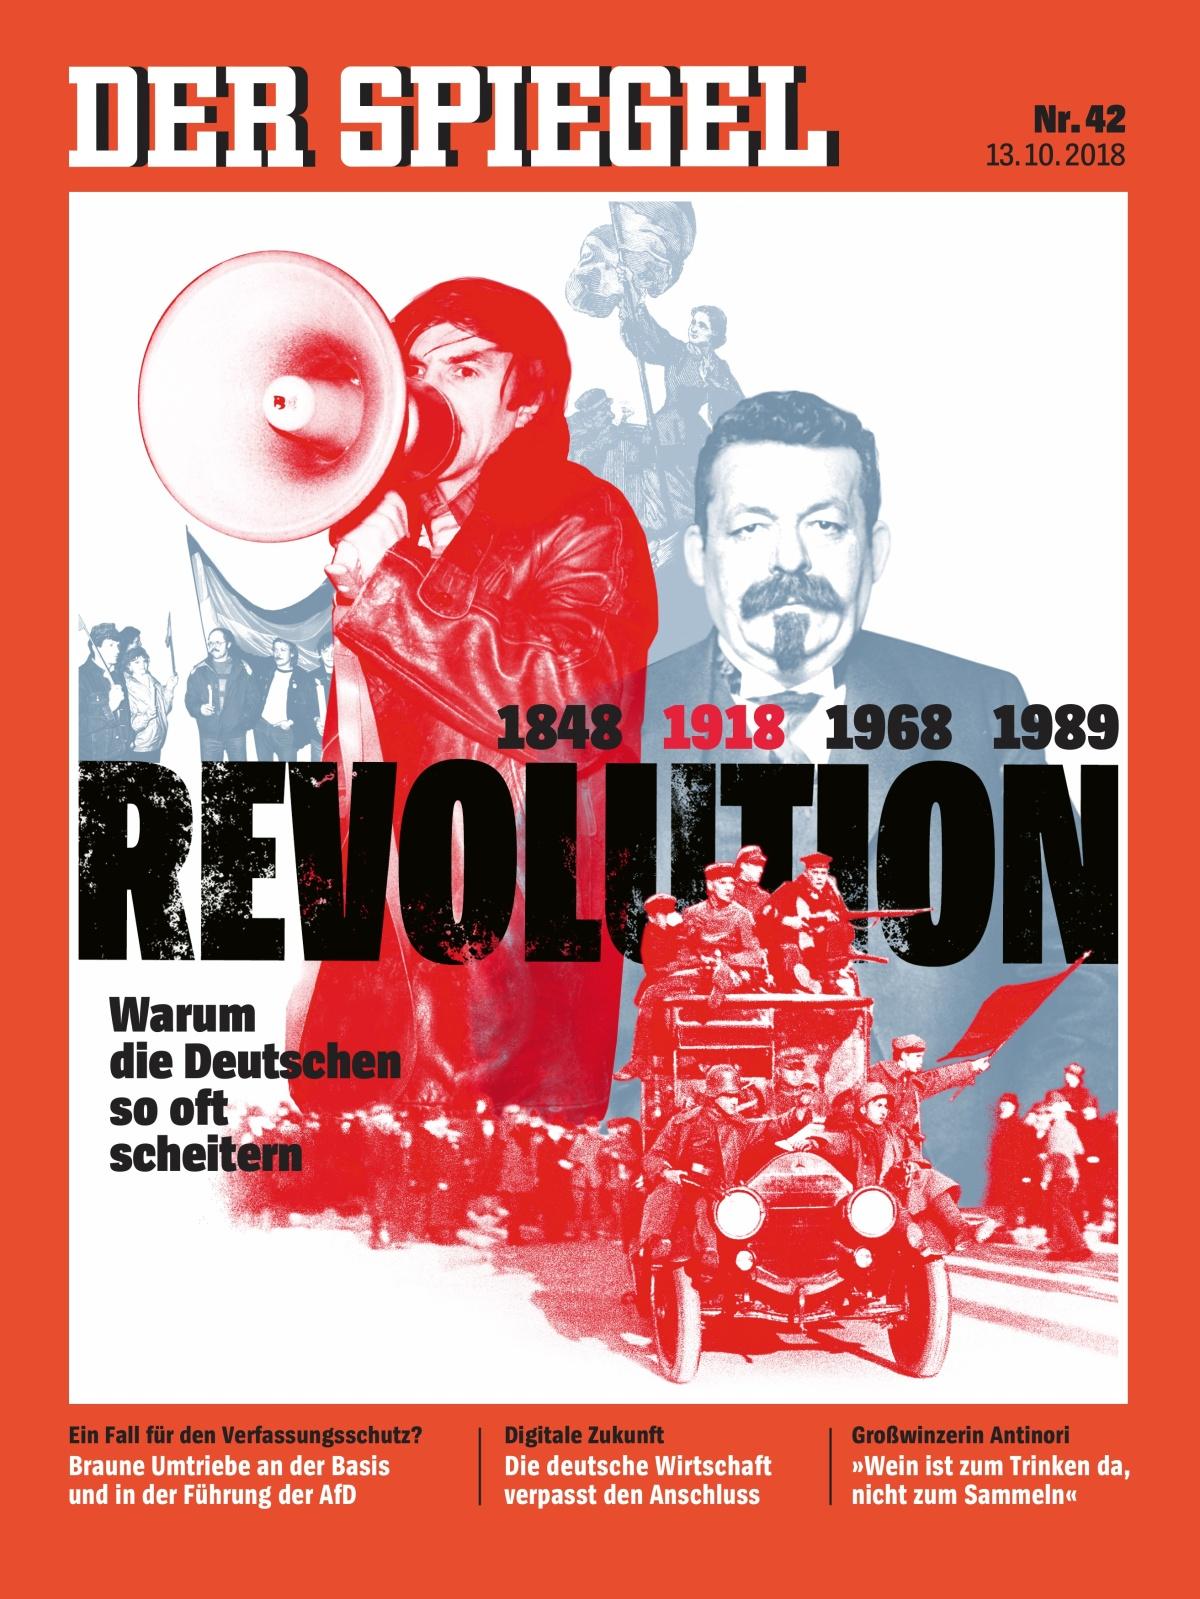 Die Revolutionen von 1848, 1918, 1968 und 1989 – was sie über uns Deutsche sagen